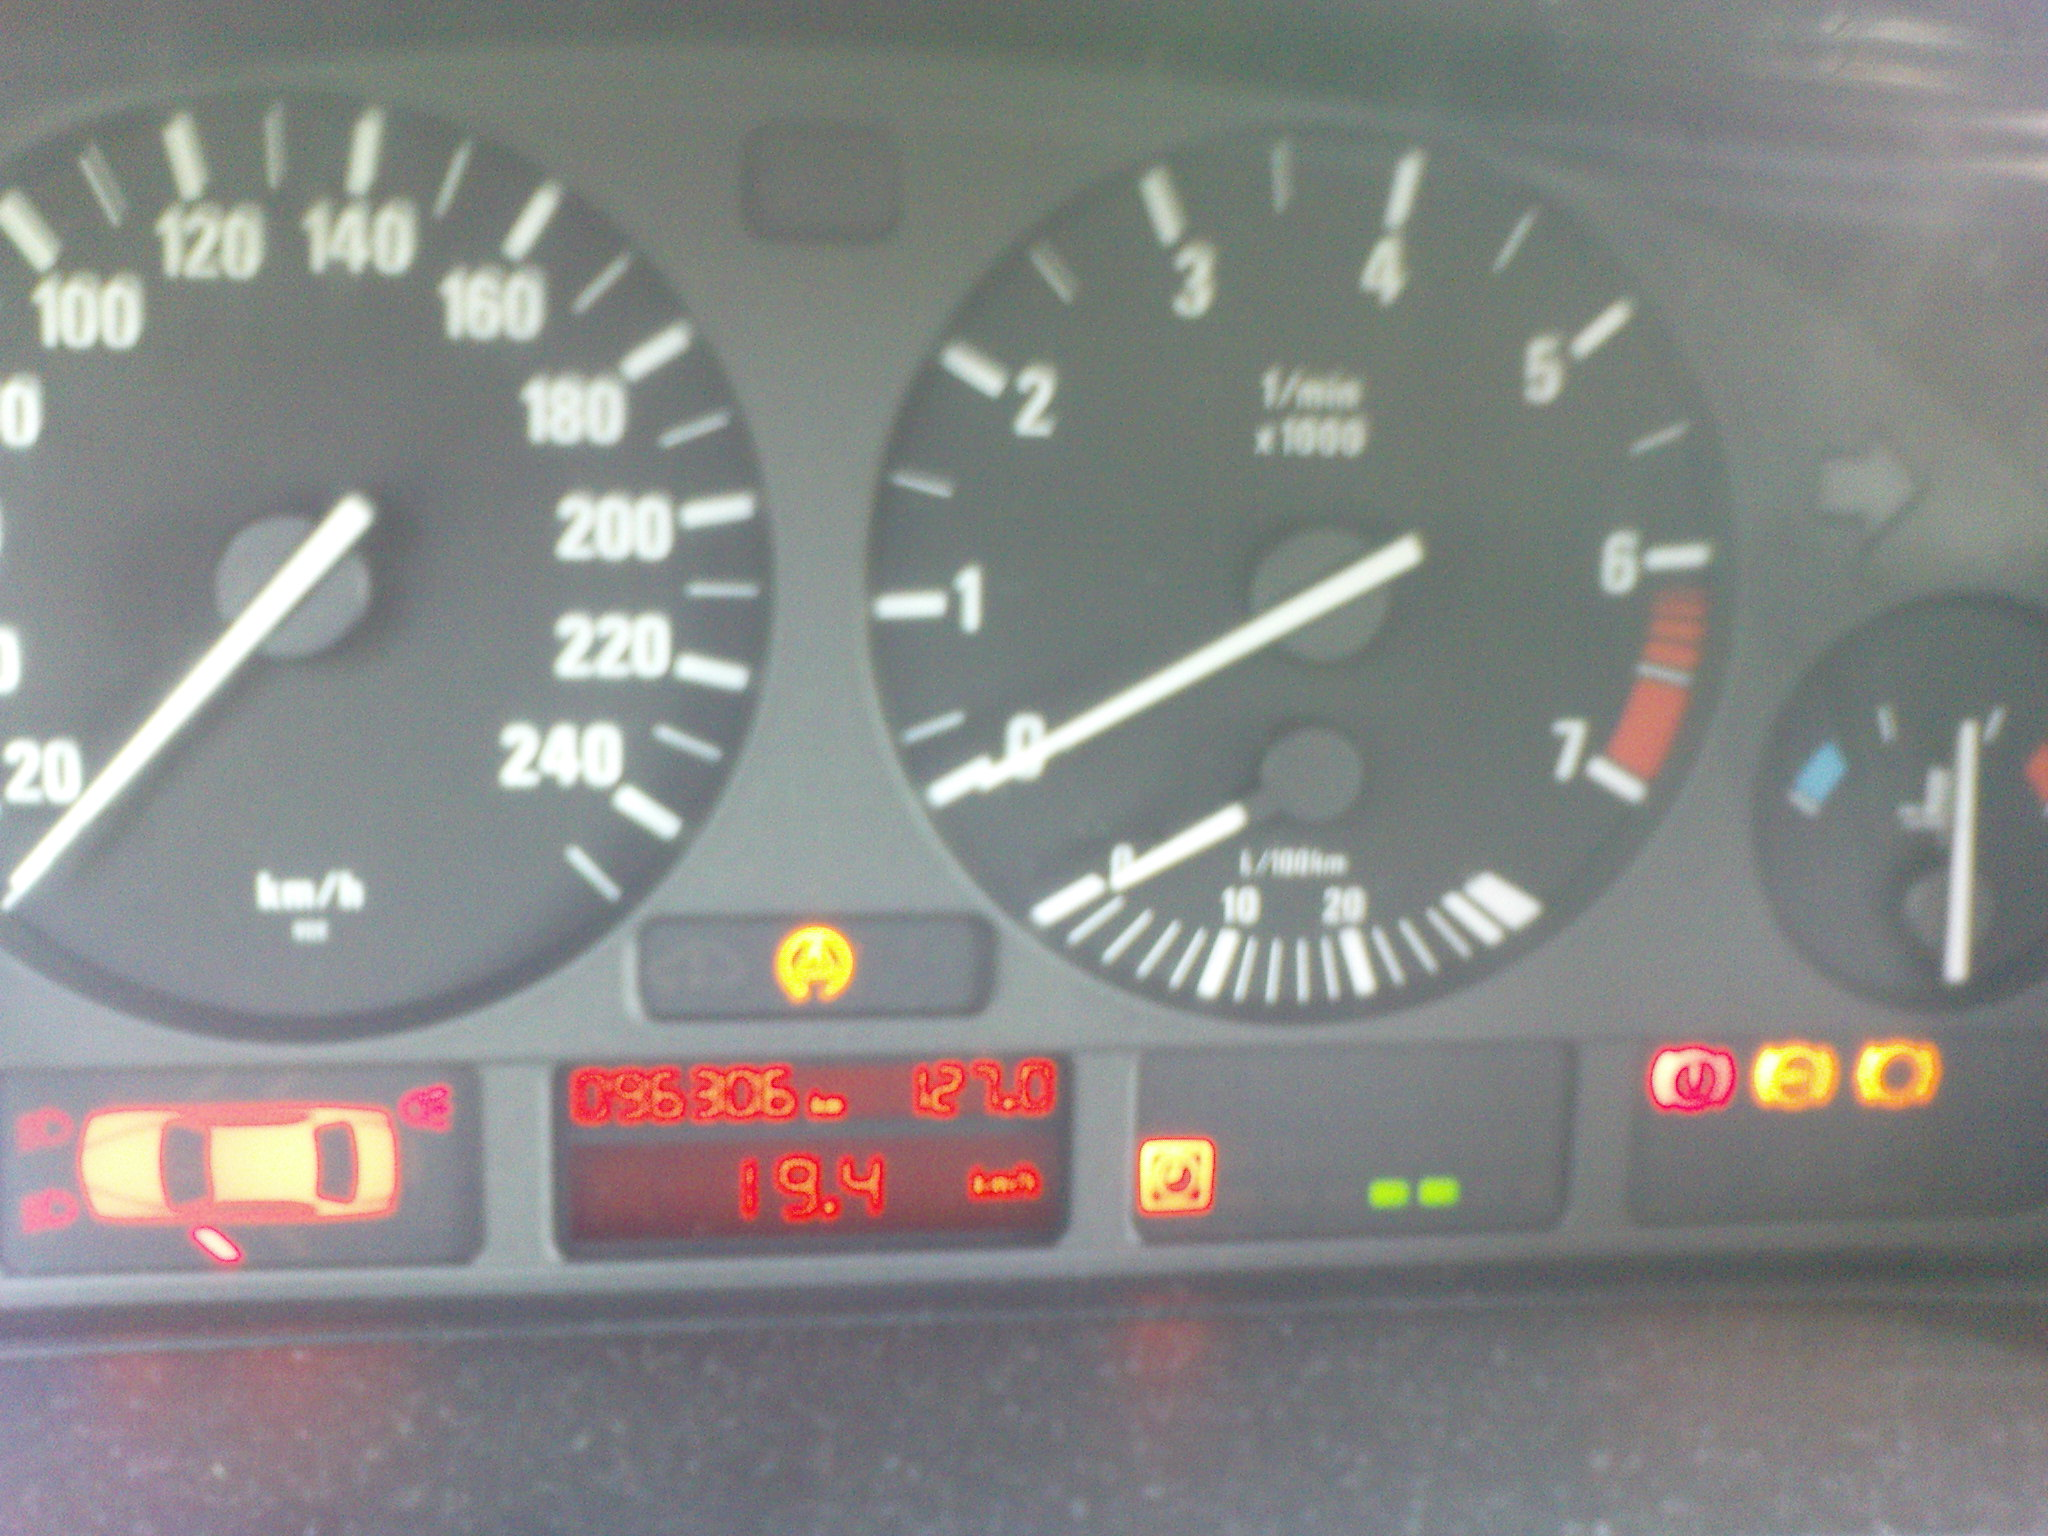 Bmw 318i E46 Coupe Wariuje Komputer Liczniki Zegary Pala Sie Kontrolki